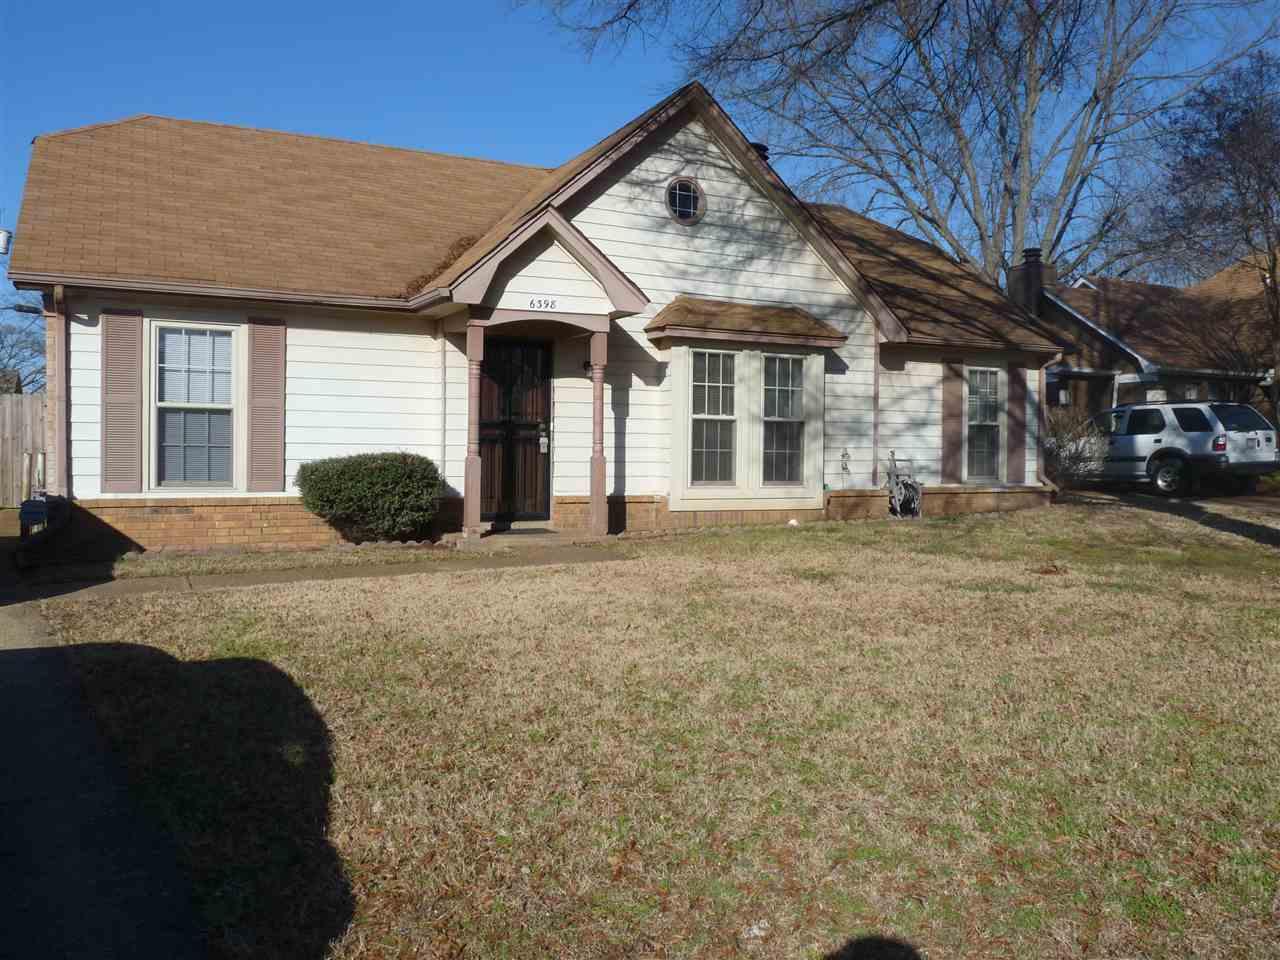 6398 N Fawn Hollow Cir, Memphis, TN